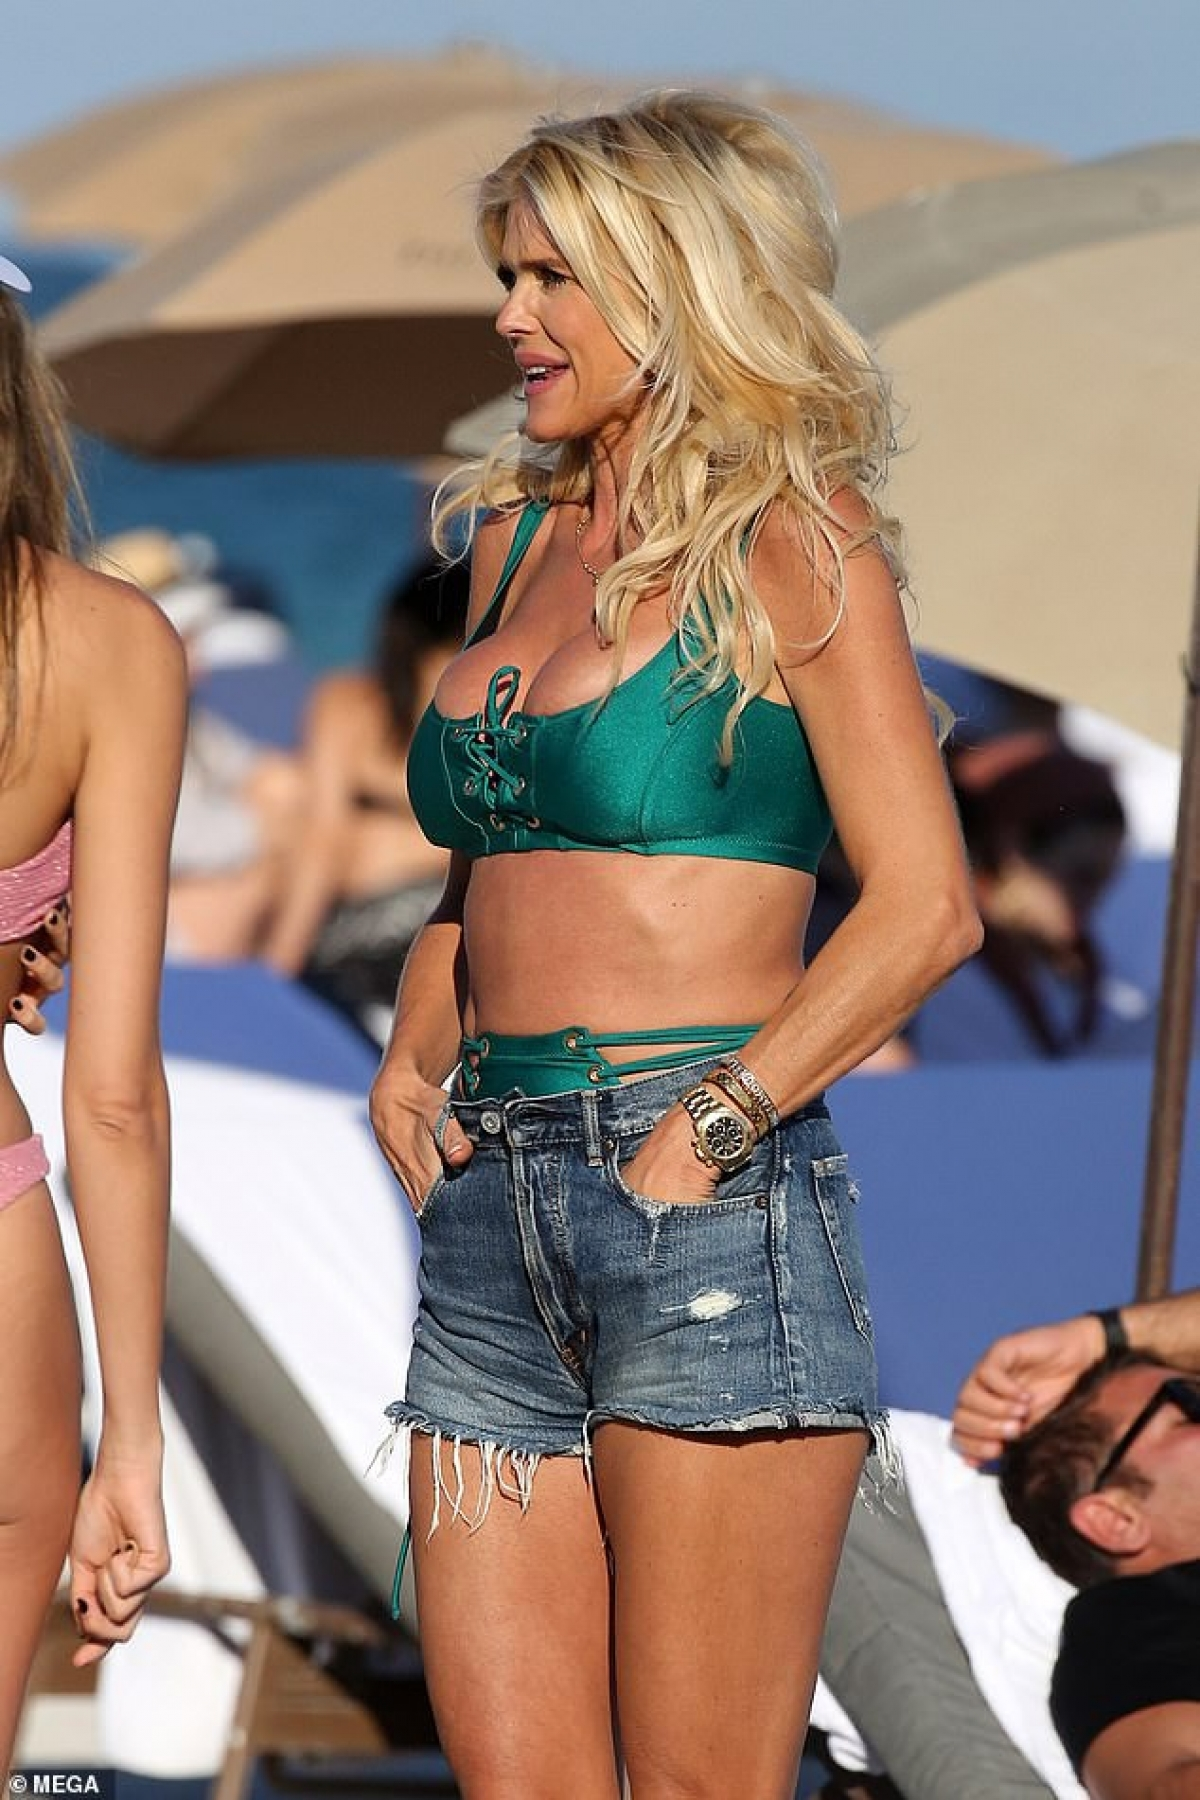 Ở tuổi 47,Hoa hậu Thuỵ Điển năm 1993 vẫn khiến công chúng ngưỡng mộ bởi sắc vóc tươi trẻ, thần thái rạng ngời.